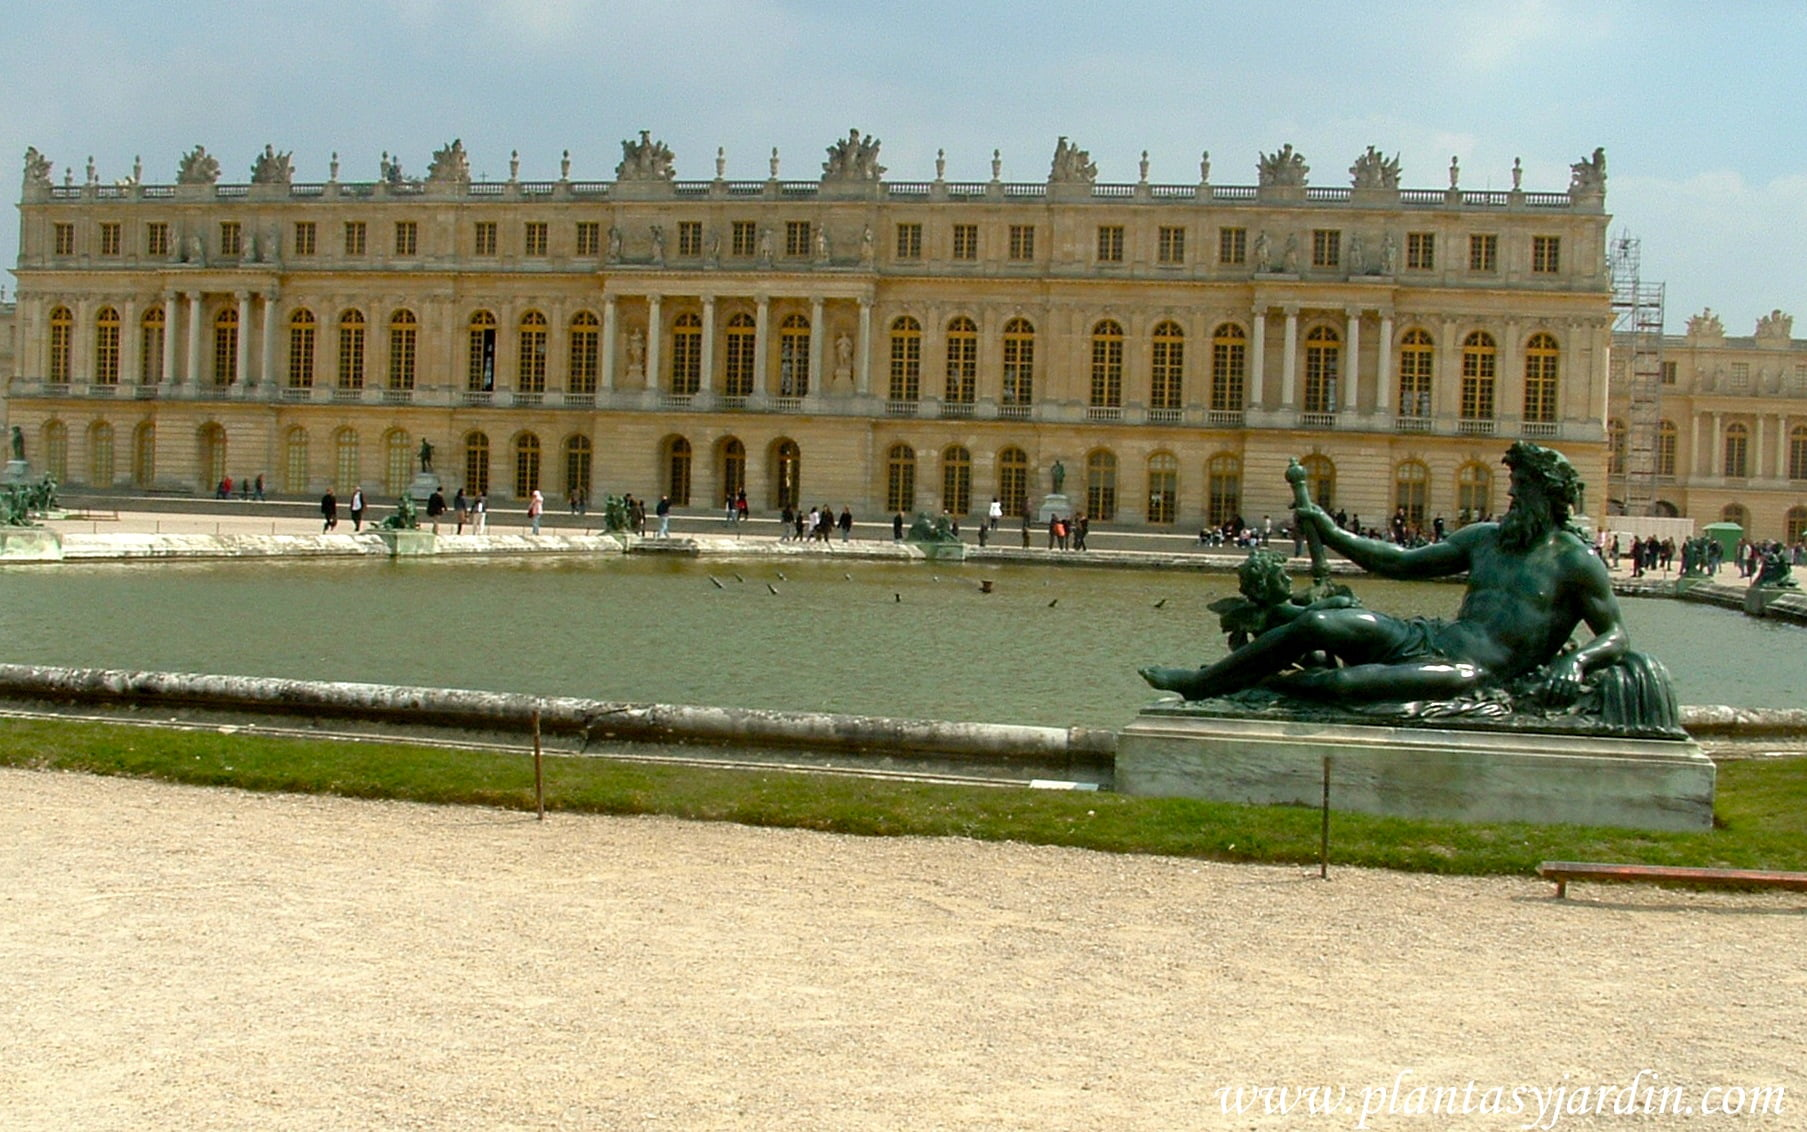 Parterre de agua, donde la fachada del Palacio de Versalles se refleja en el agua